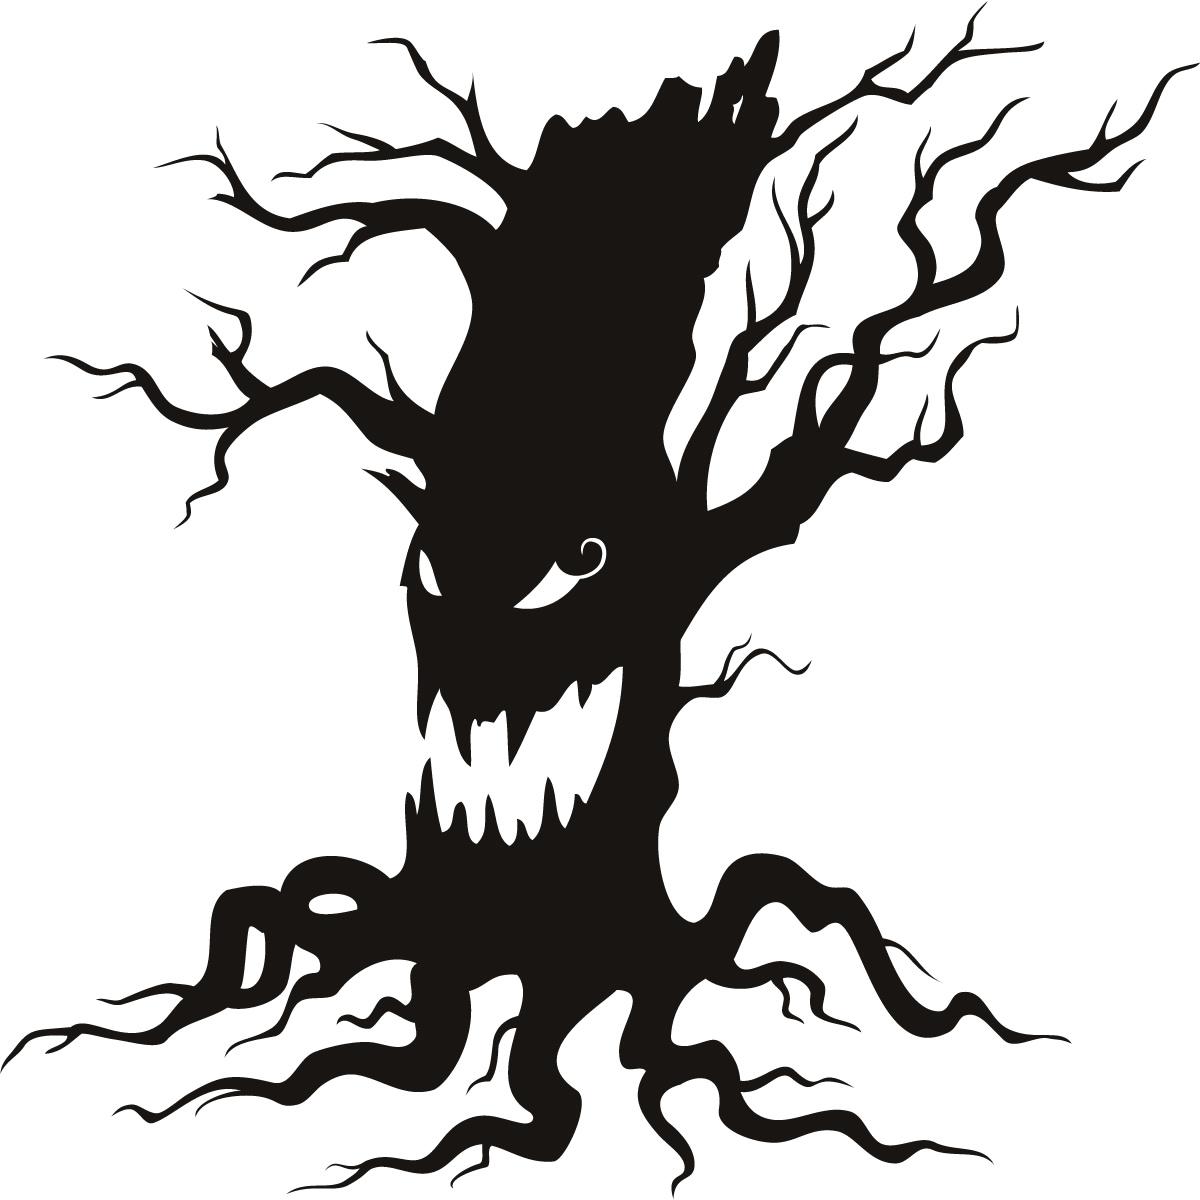 Scary Tree.